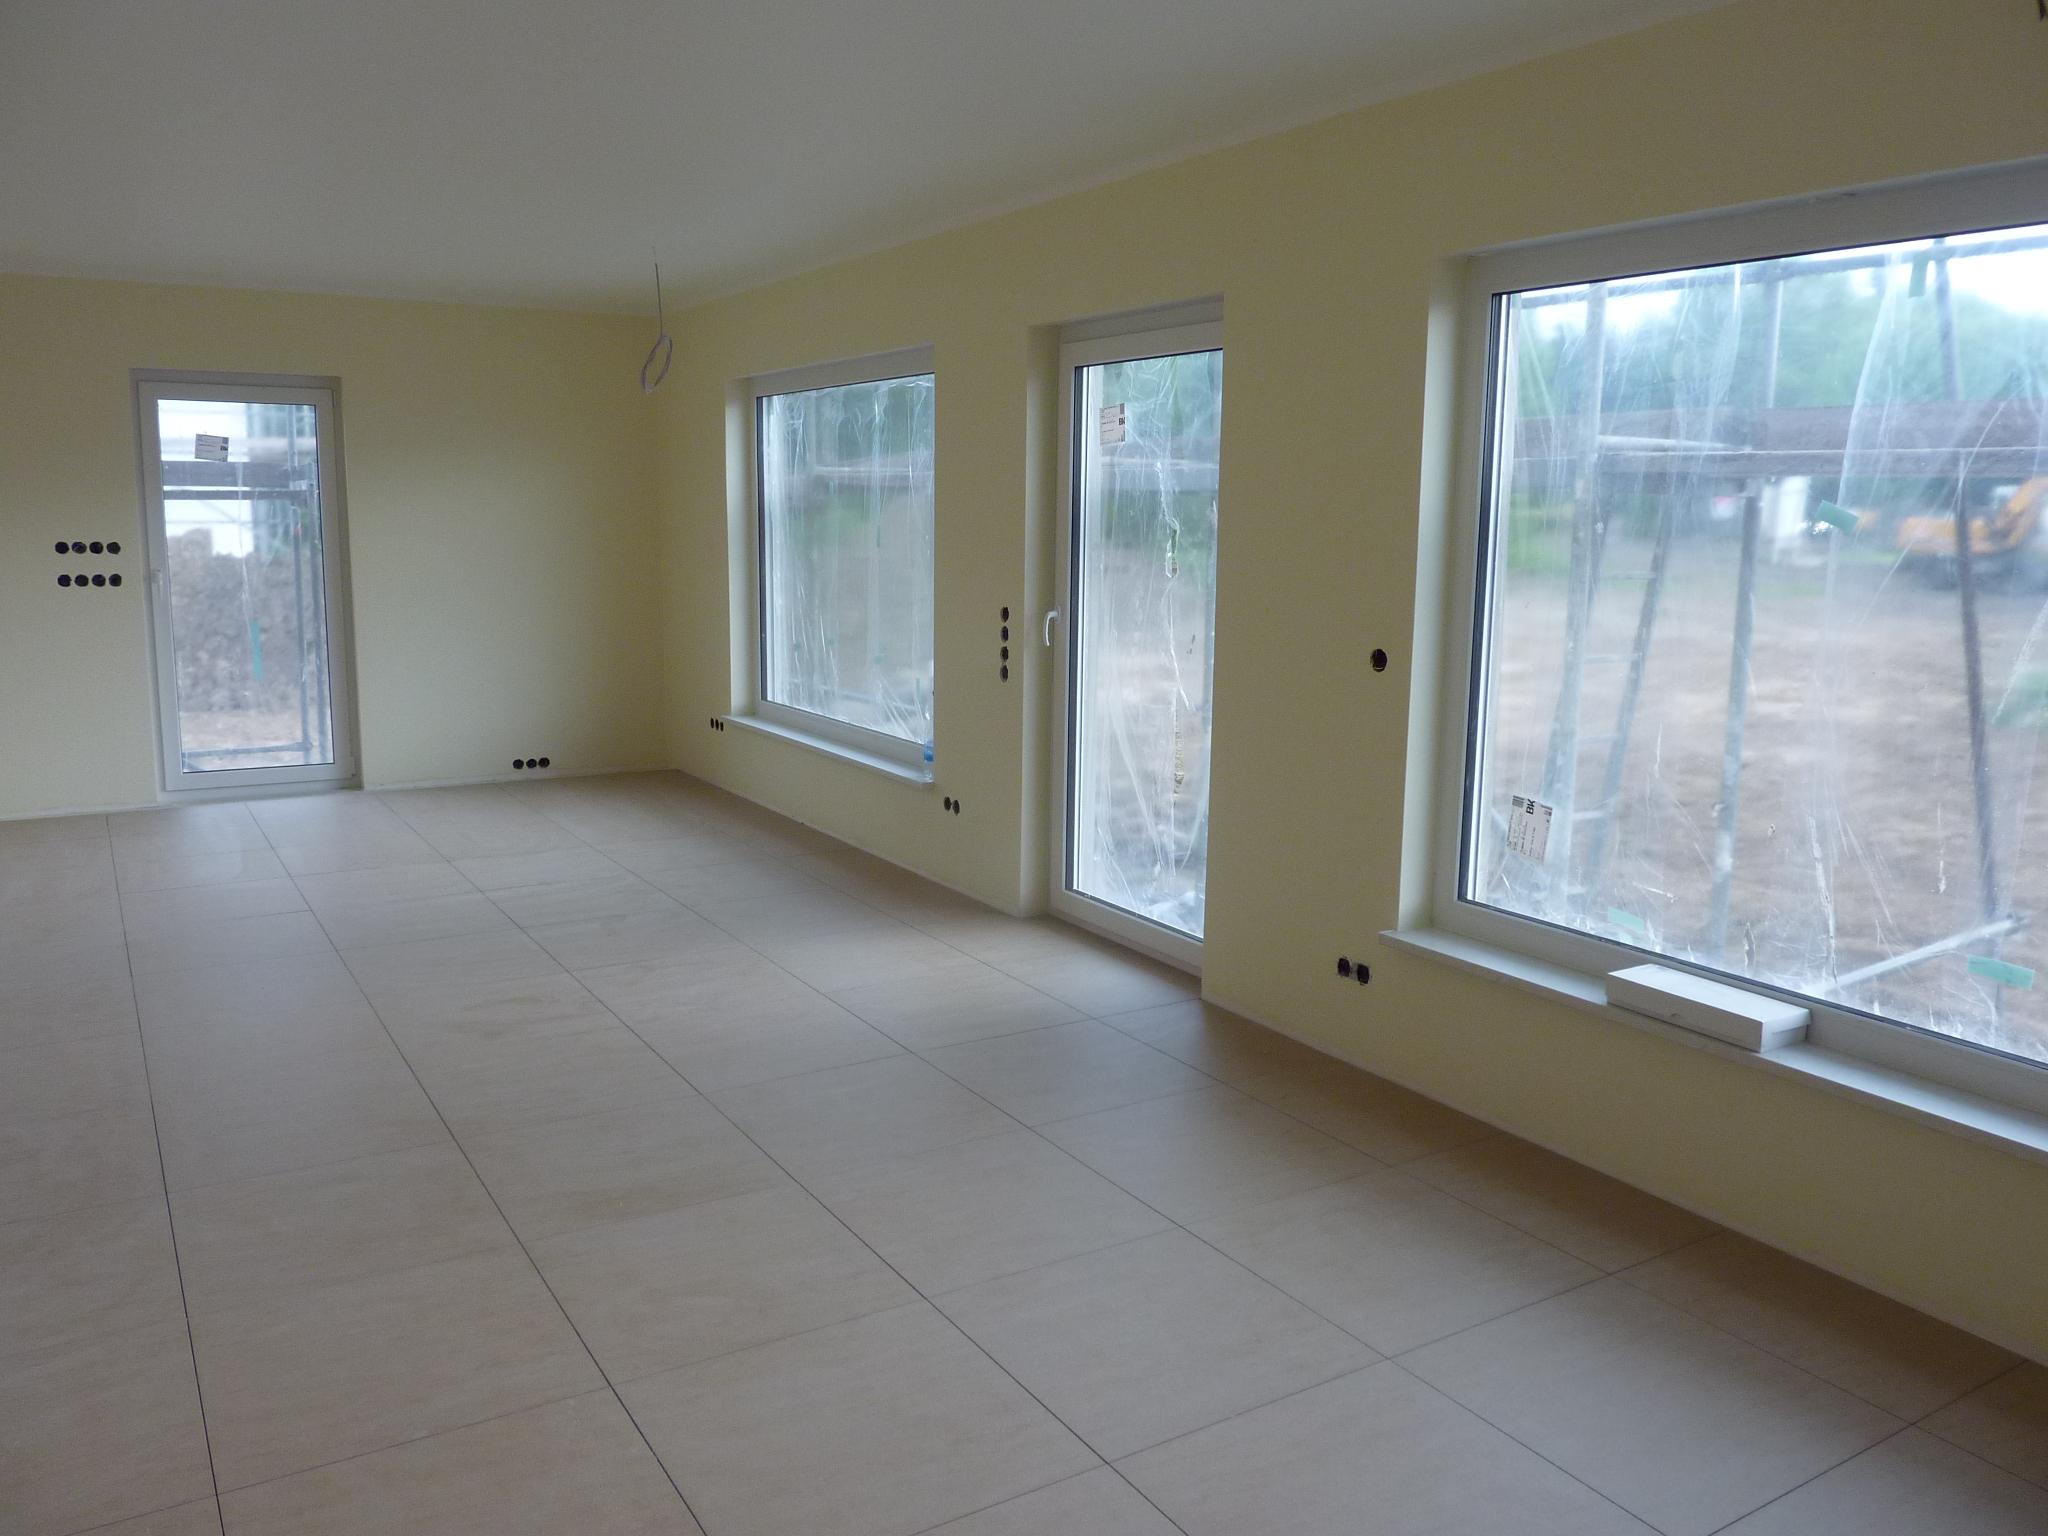 Wohnzimmer, Esszimmer Und Küche Sind Bei Uns Ein Großer Raum. Auch Hier  Haben Wir Uns Für Großformatige Fliesen Entschieden, Da Diese Der Am Besten  ...